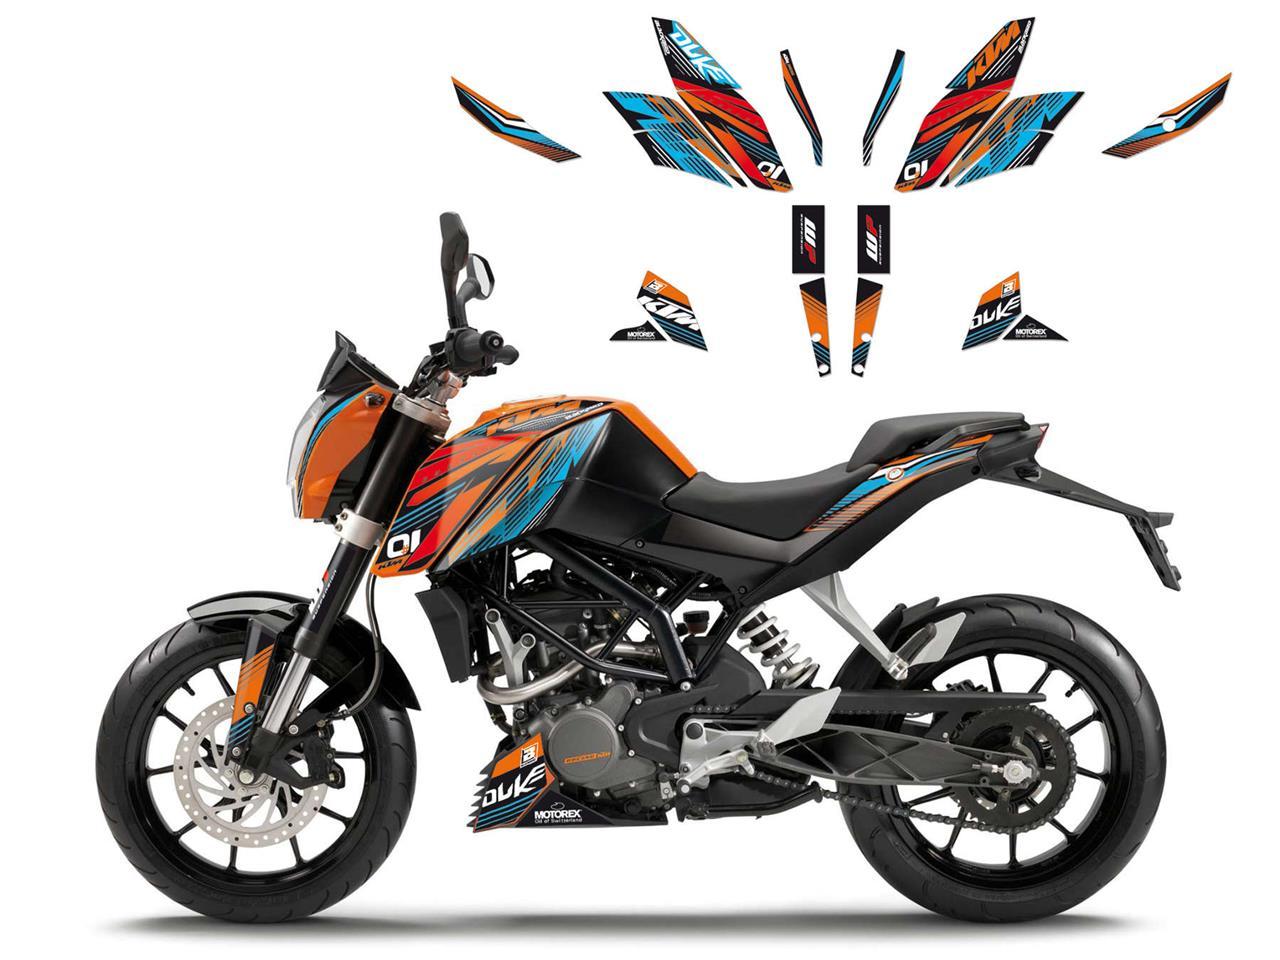 KIT ADHESIVOS BLACKBIRD ONERAC KTM 390 13> / KTM DUKE 200 12/14 / KTM DUKE 125 11>